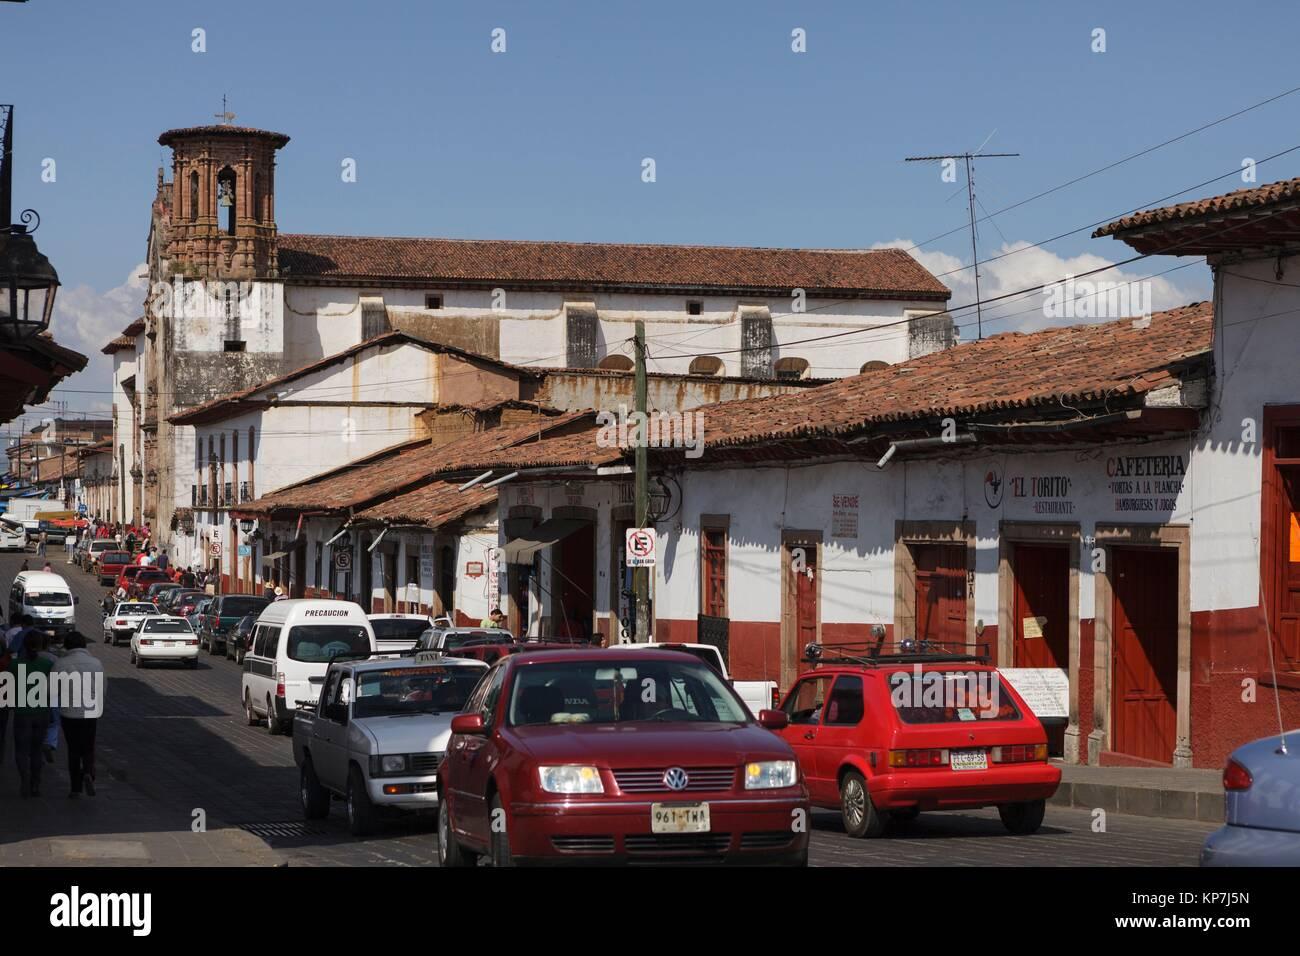 Estado State Mexico Stock Photos Estado State Mexico Stock  # Muebles Jilotepec